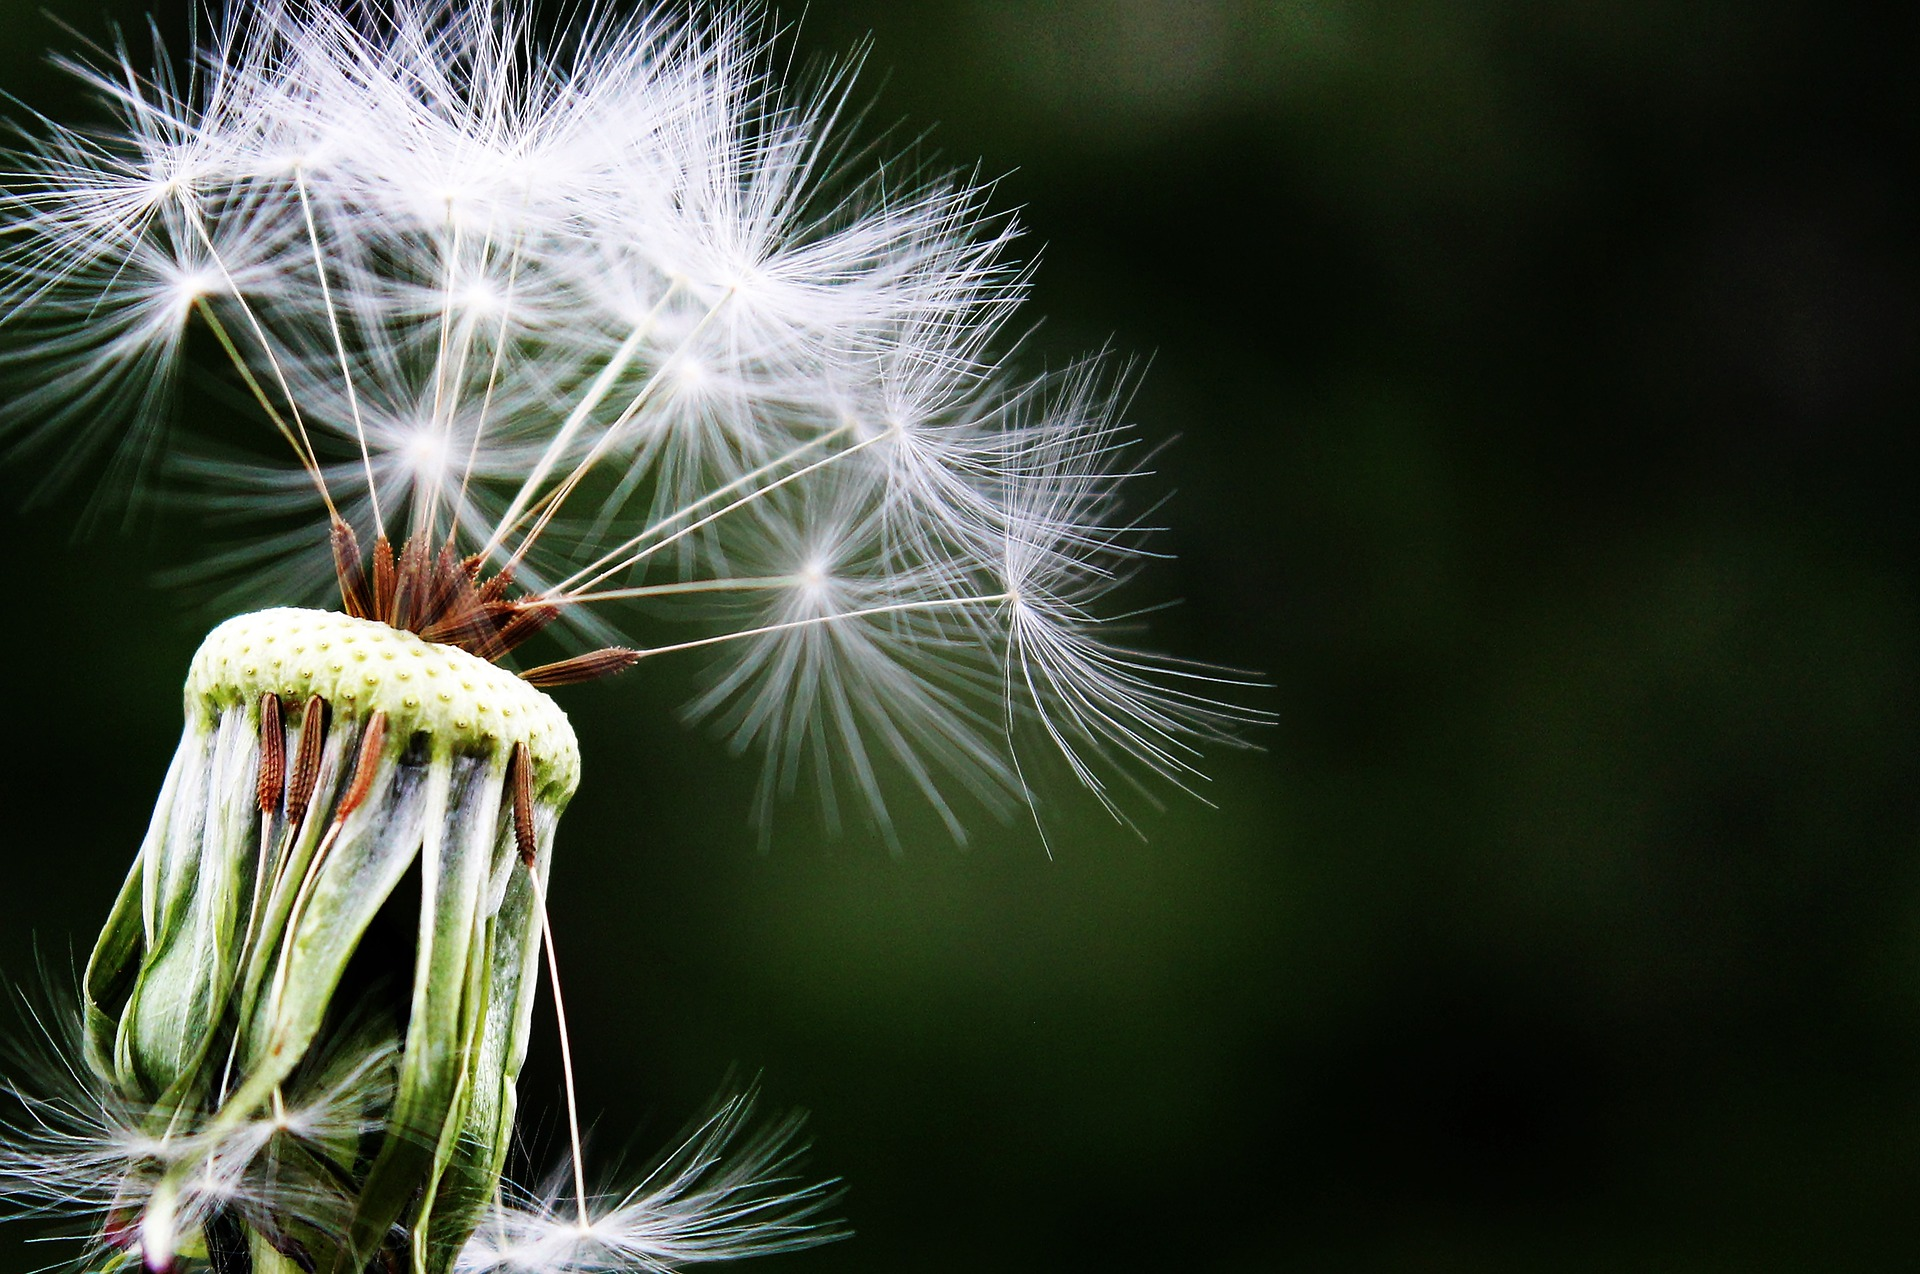 foto-polen-pocetna